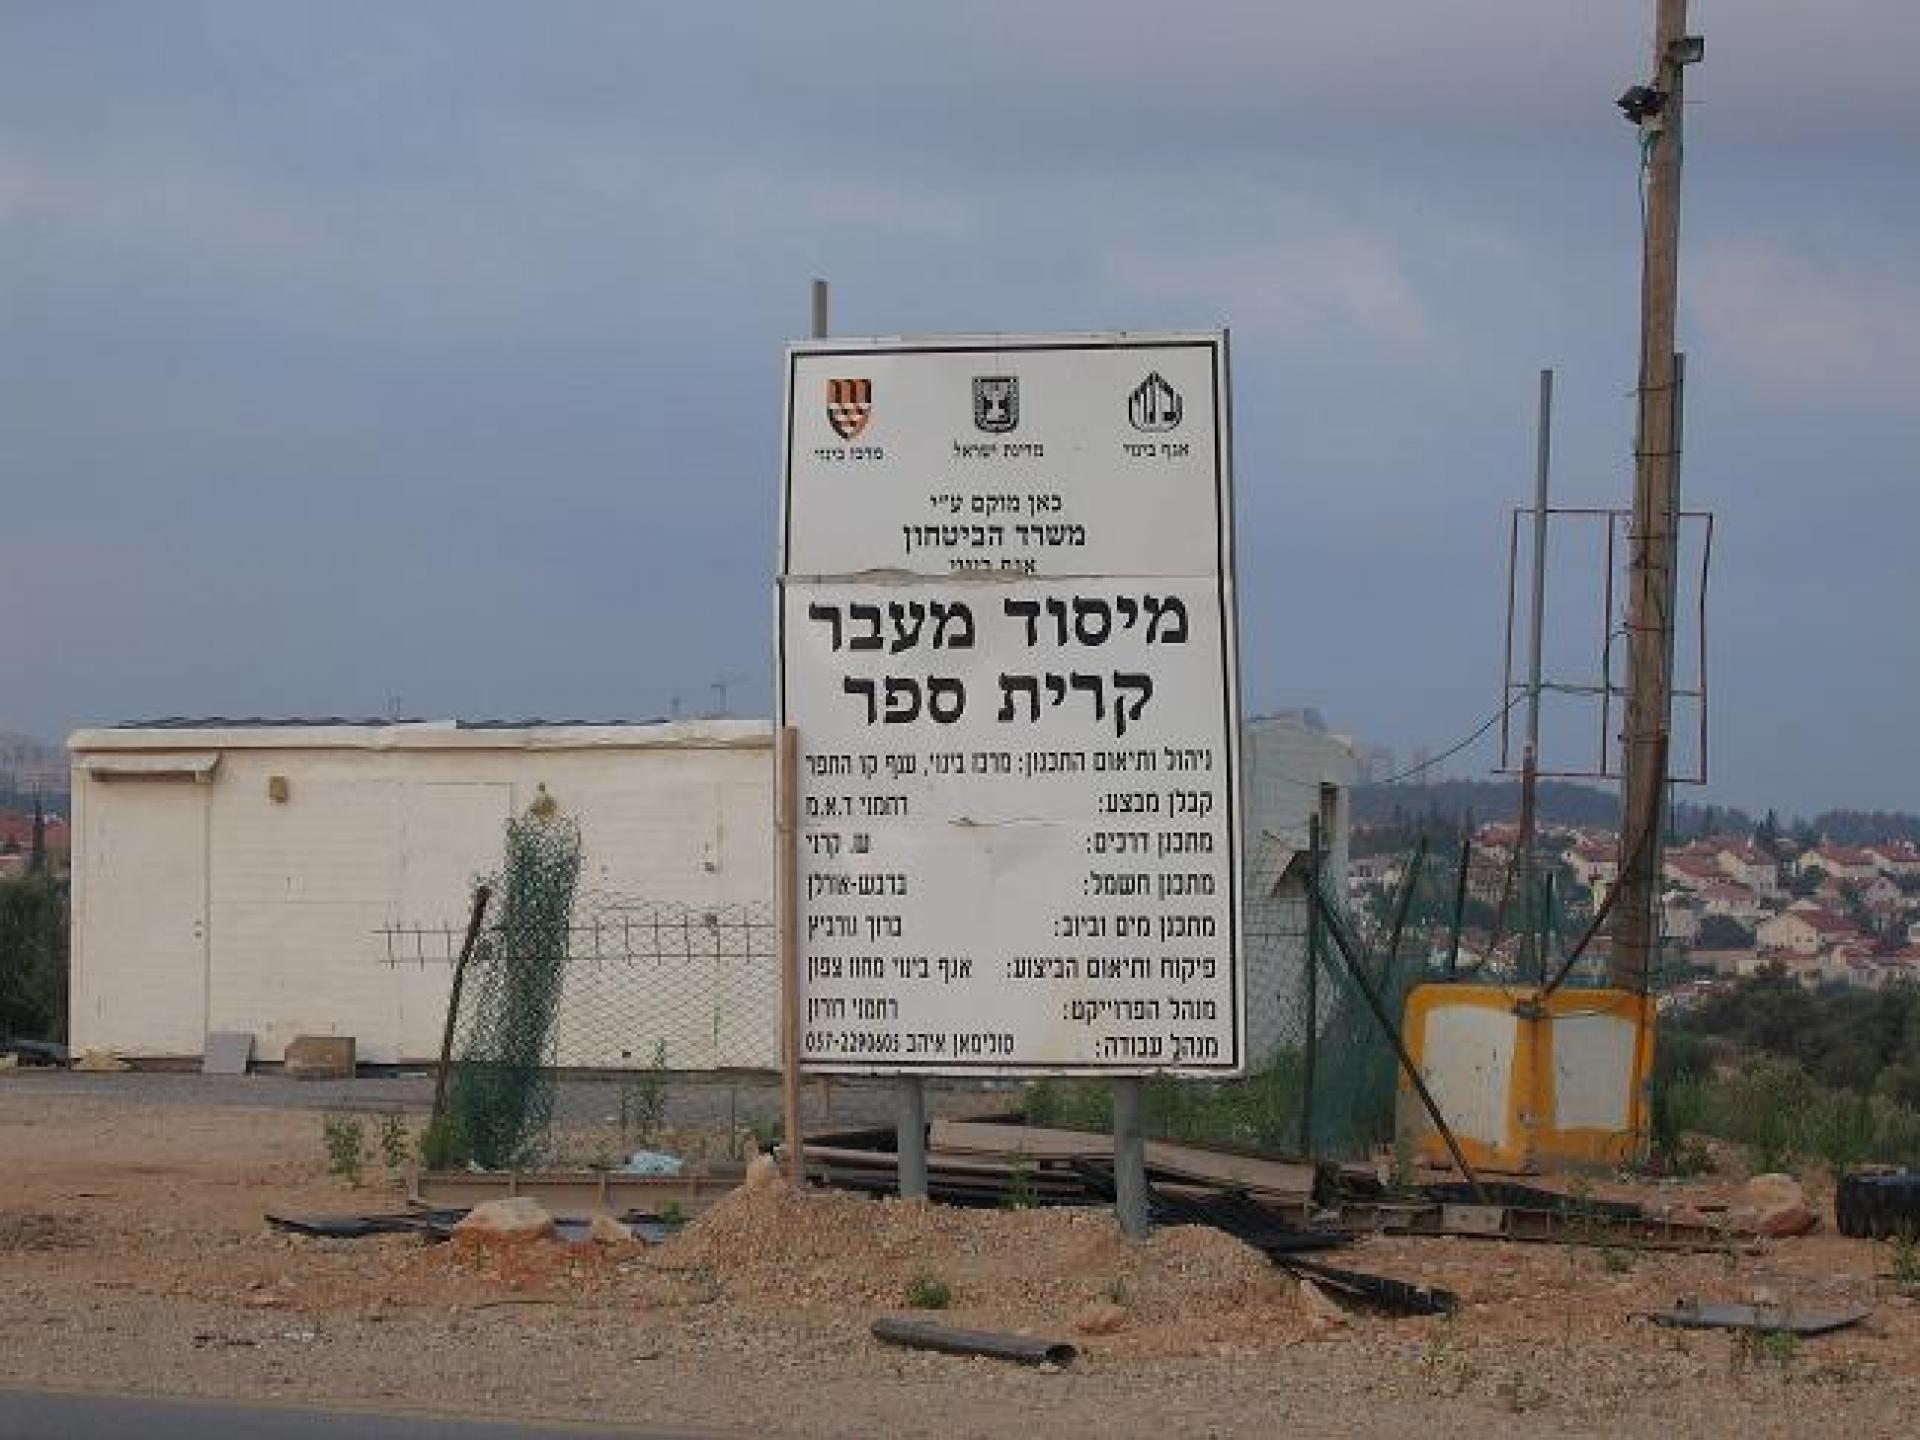 Ni'lin/Kiryat Sefer crossing 02.08.11